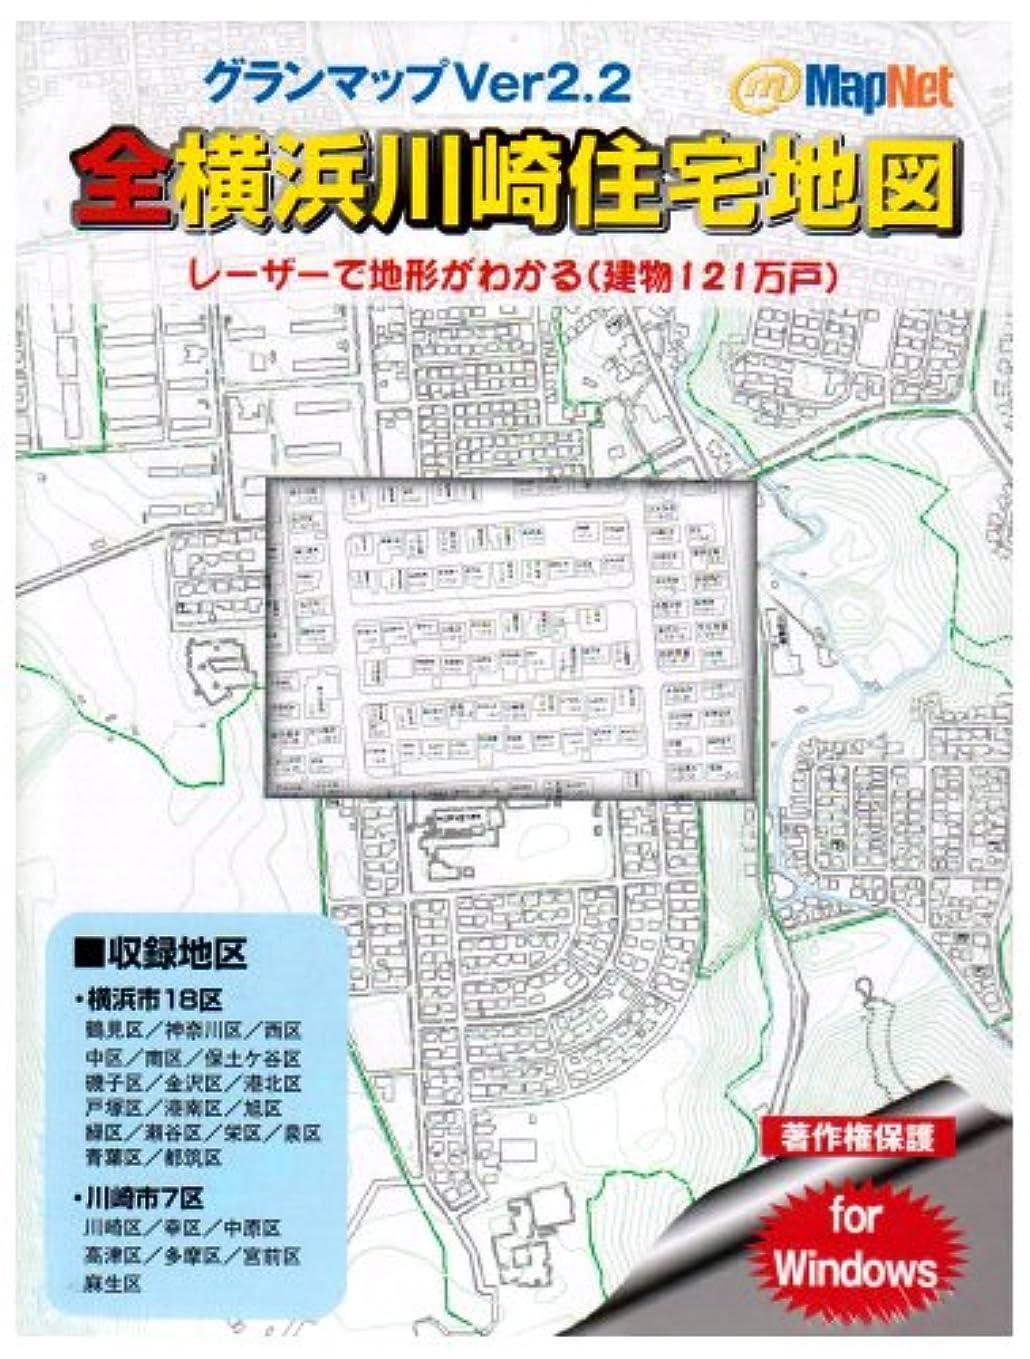 歩くどう?金属グランマップ 全横浜川崎住宅地図 Ver2.2